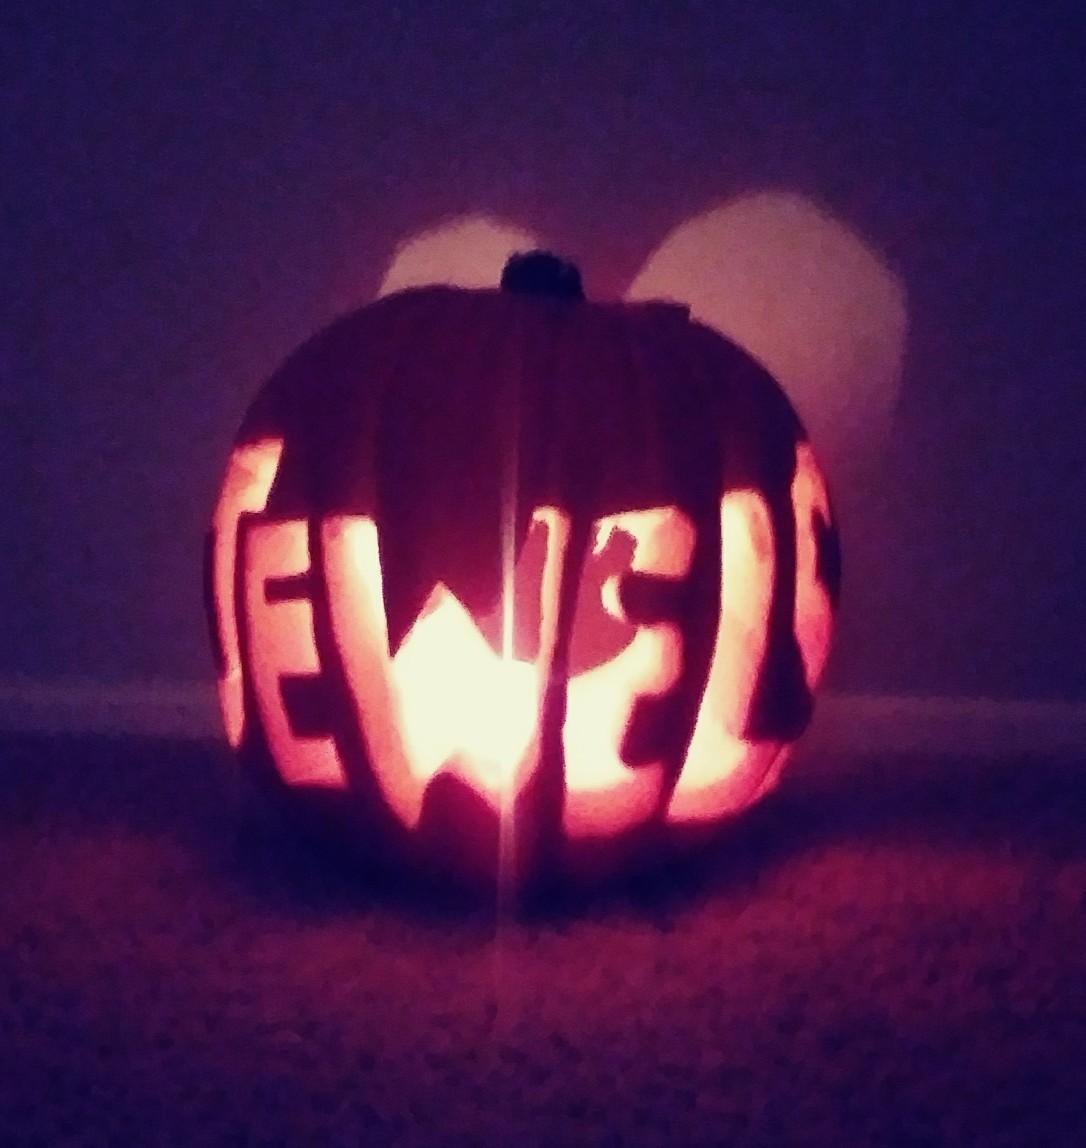 Halloween Pumpkin 10.30.2019.jpg